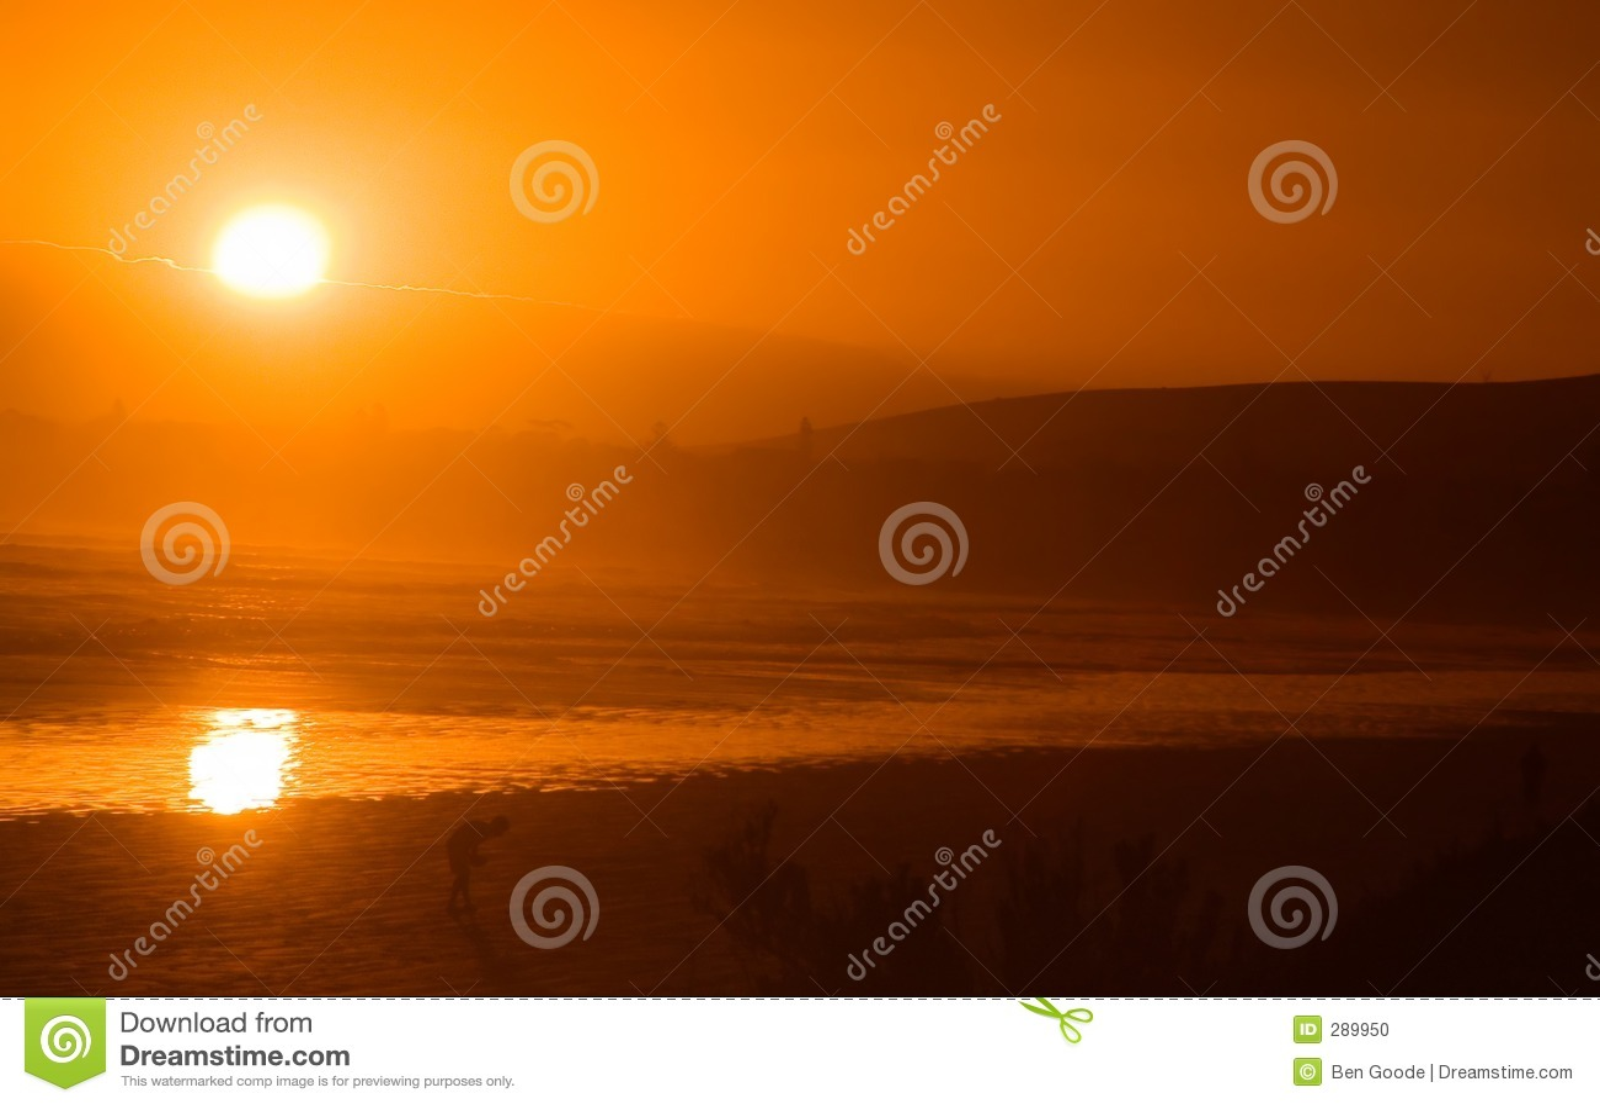 De Gloed van de zon